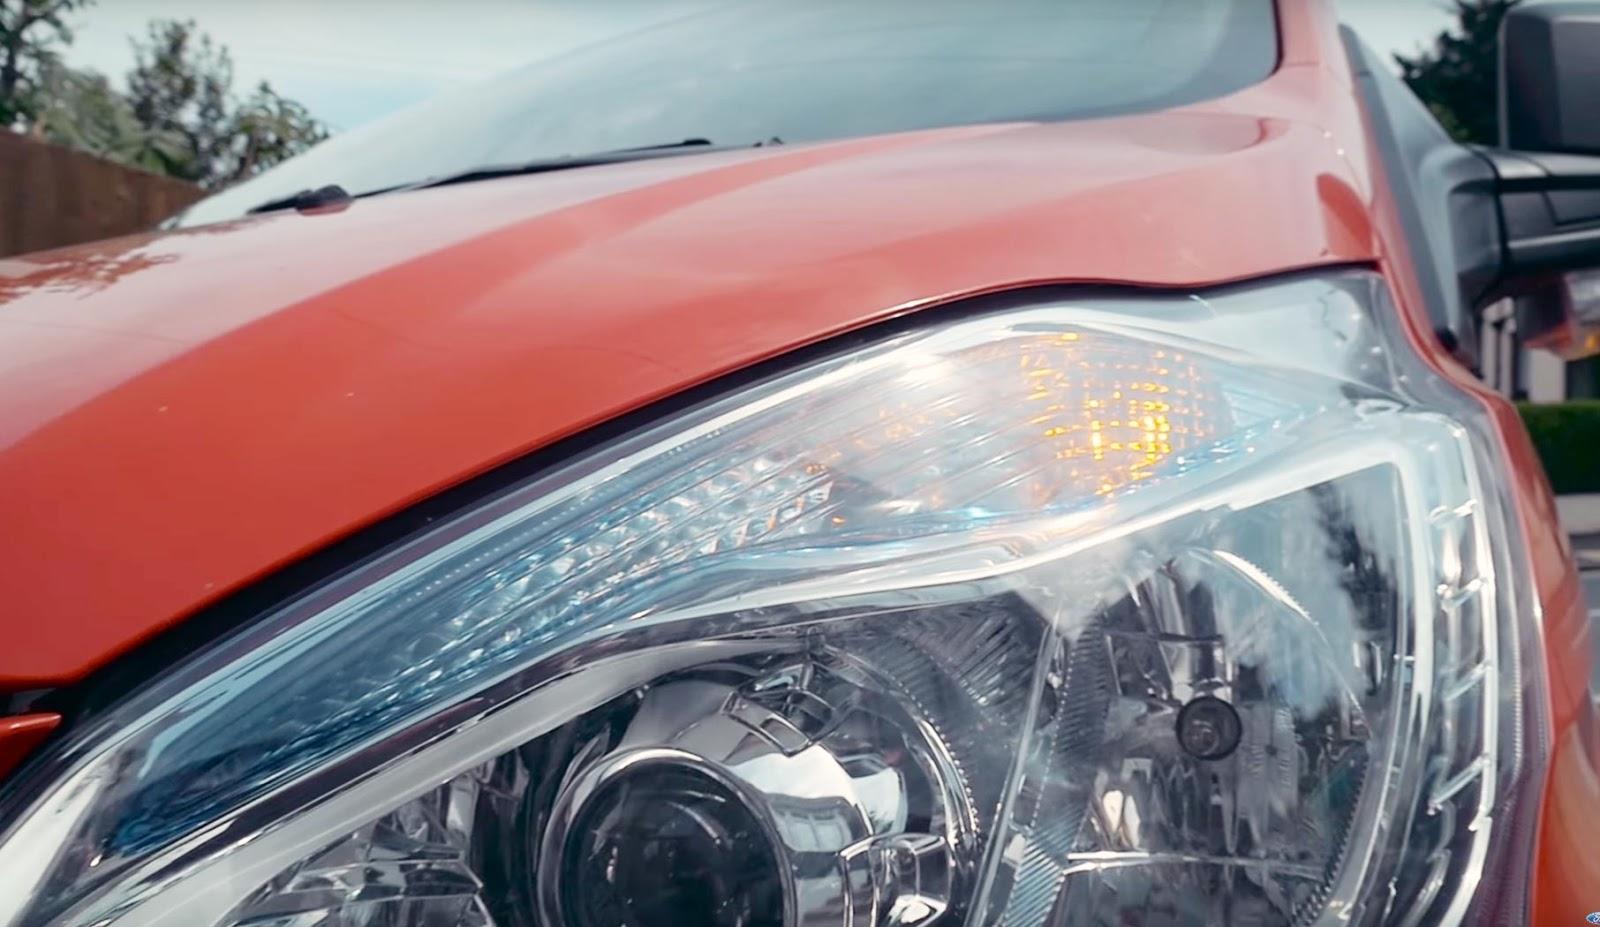 transit key Το κλειδί που θα αντέξει για μια ολόκληρη ζωή Ford, Ford Transit, Ford Transit Custom, VAN, videos, Επαγγελματικά, Τεχνολογία